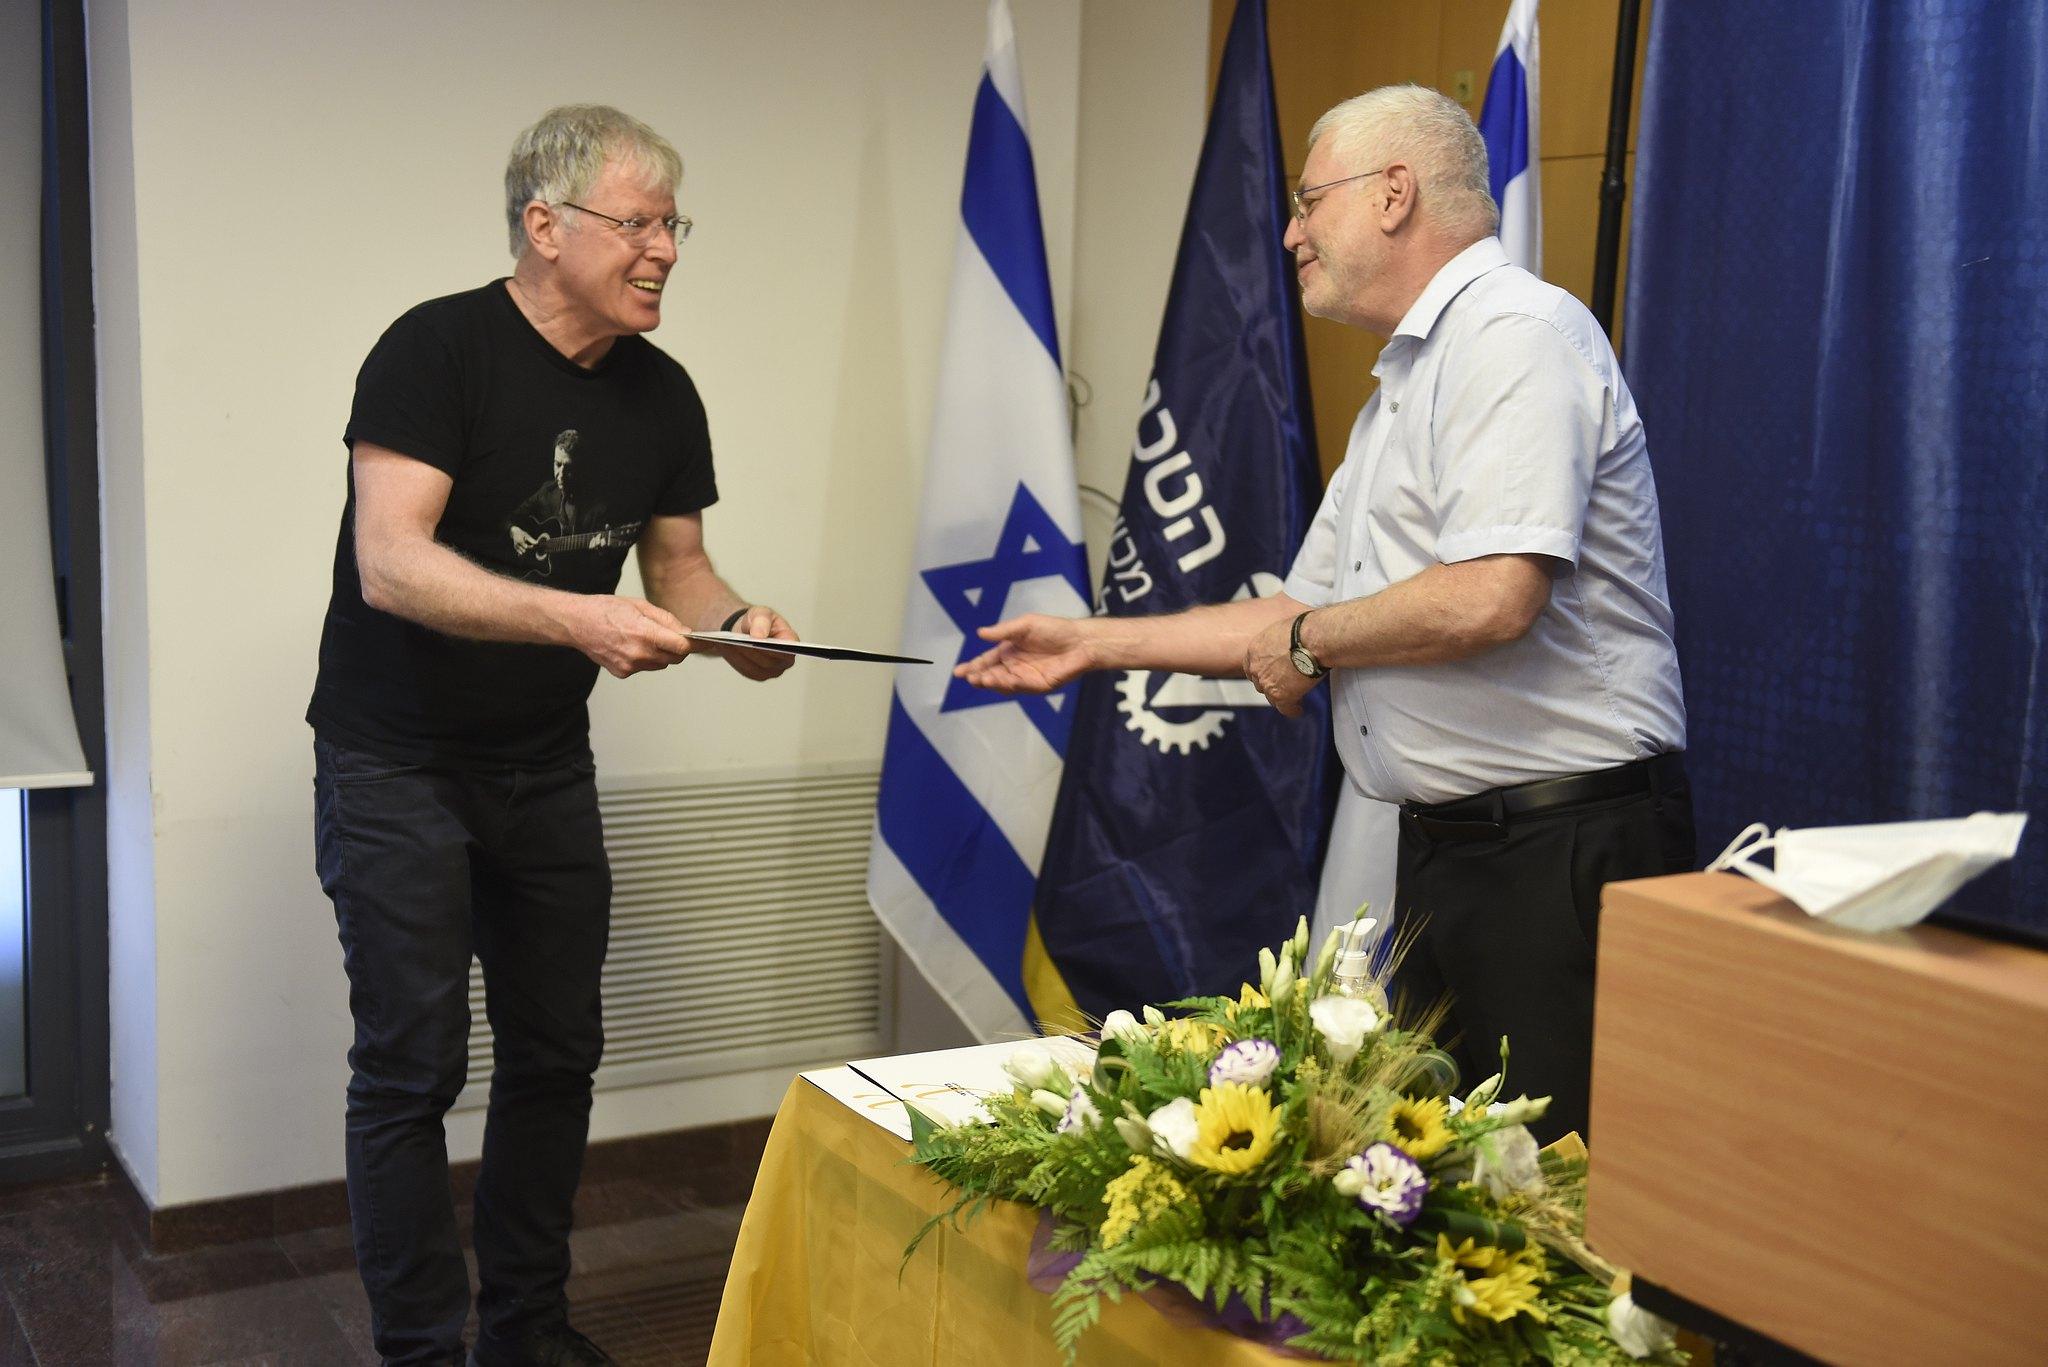 נשיא הטכניון פרופ' אורי סיון מעניק את הפרס לפרופ' שאול מרקוביץ מהפקולטה למדעי המחשב